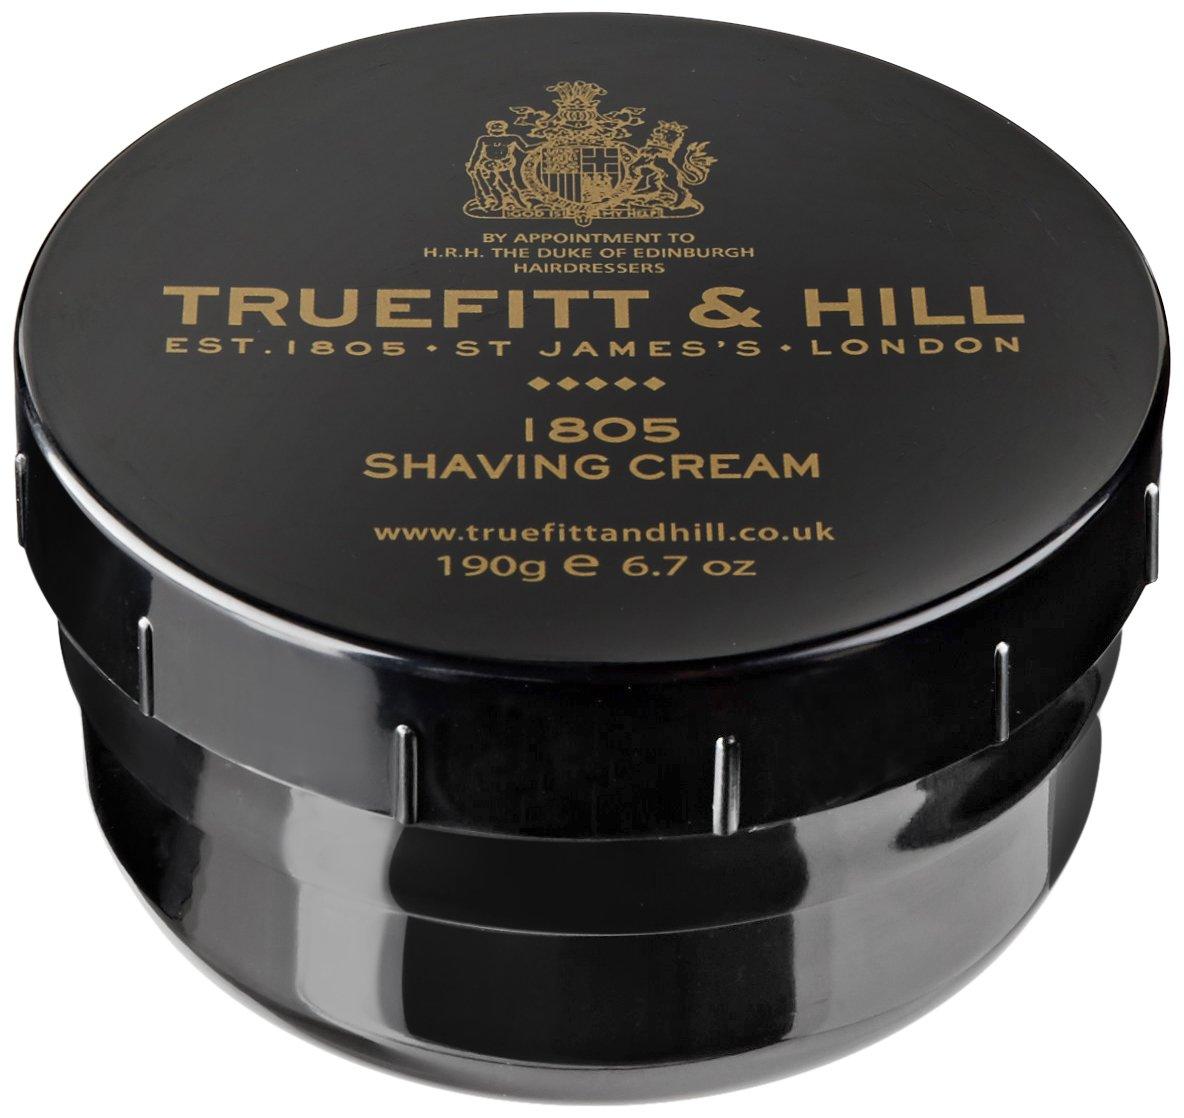 Truefitt y colina 1805crema de afeitado cuenco TrueFitt & Hill 34